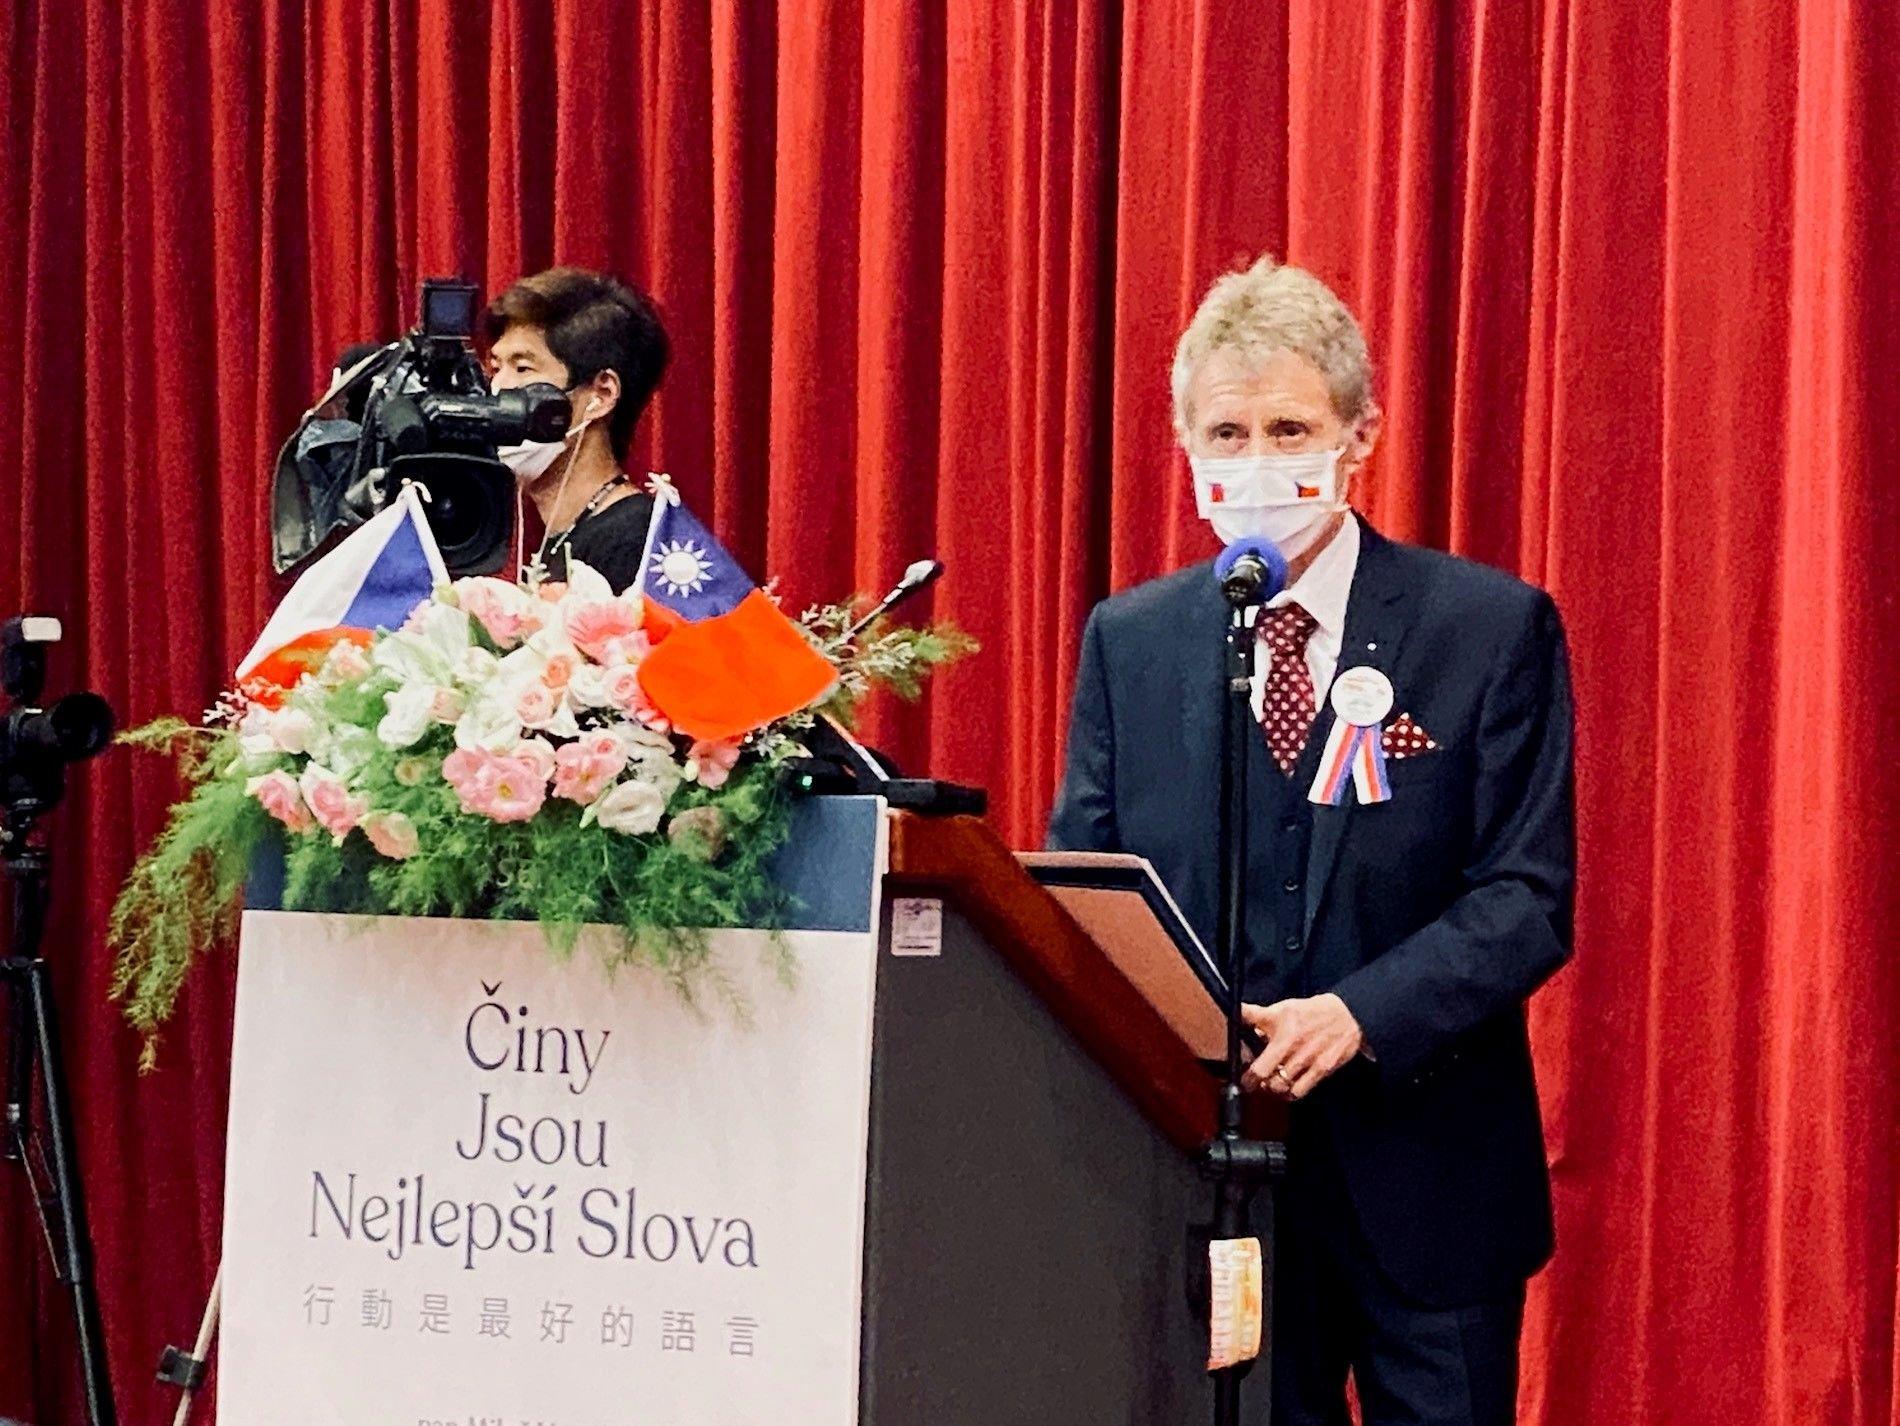 Projev předsedy Senátu na Národní univerzitě Chengchi: Nejlepší slova jsou činy